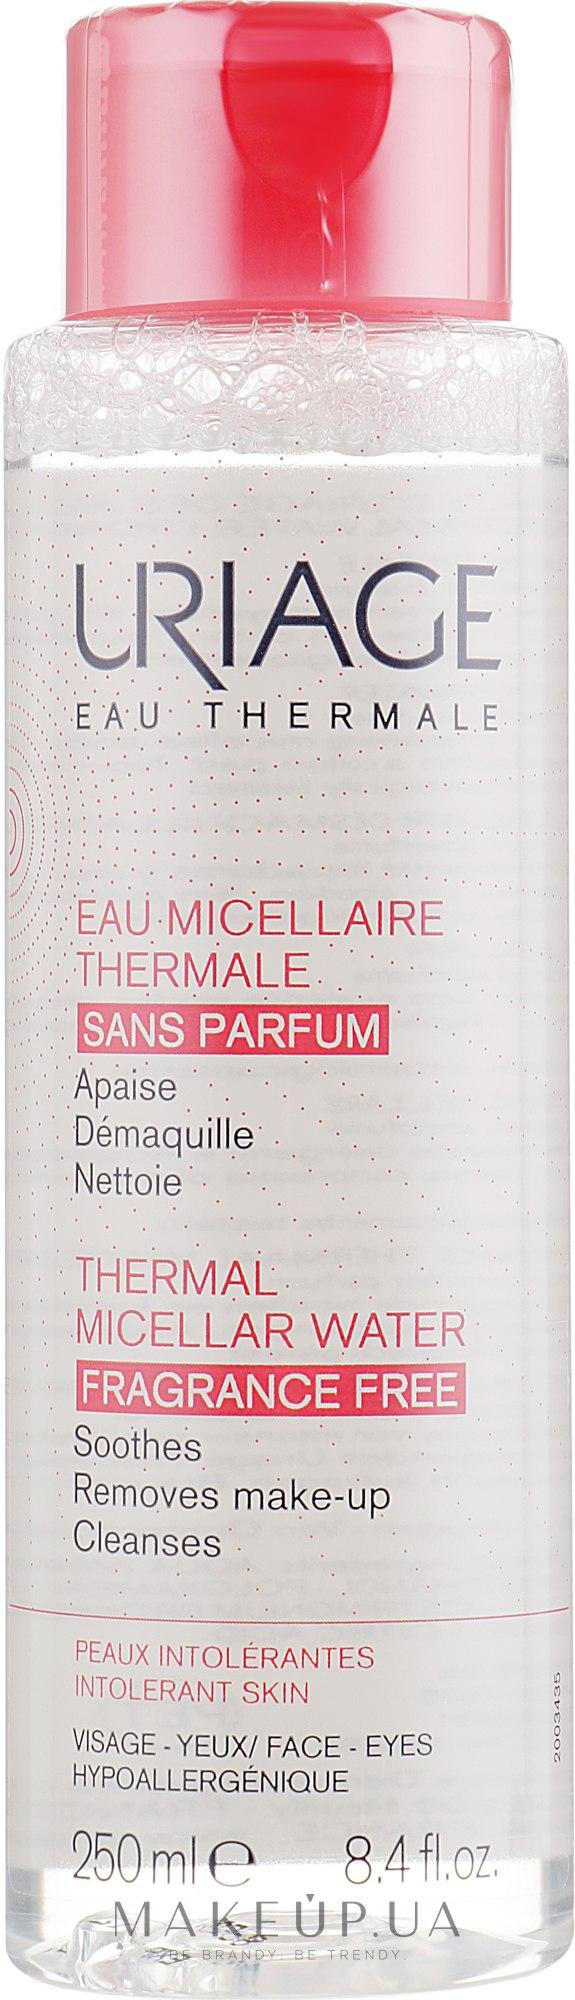 Термальна міцелярна вода для надмірно чутливої шкіри - Uriage Thermal Micellar Water Intolerant Skin — фото 250ml